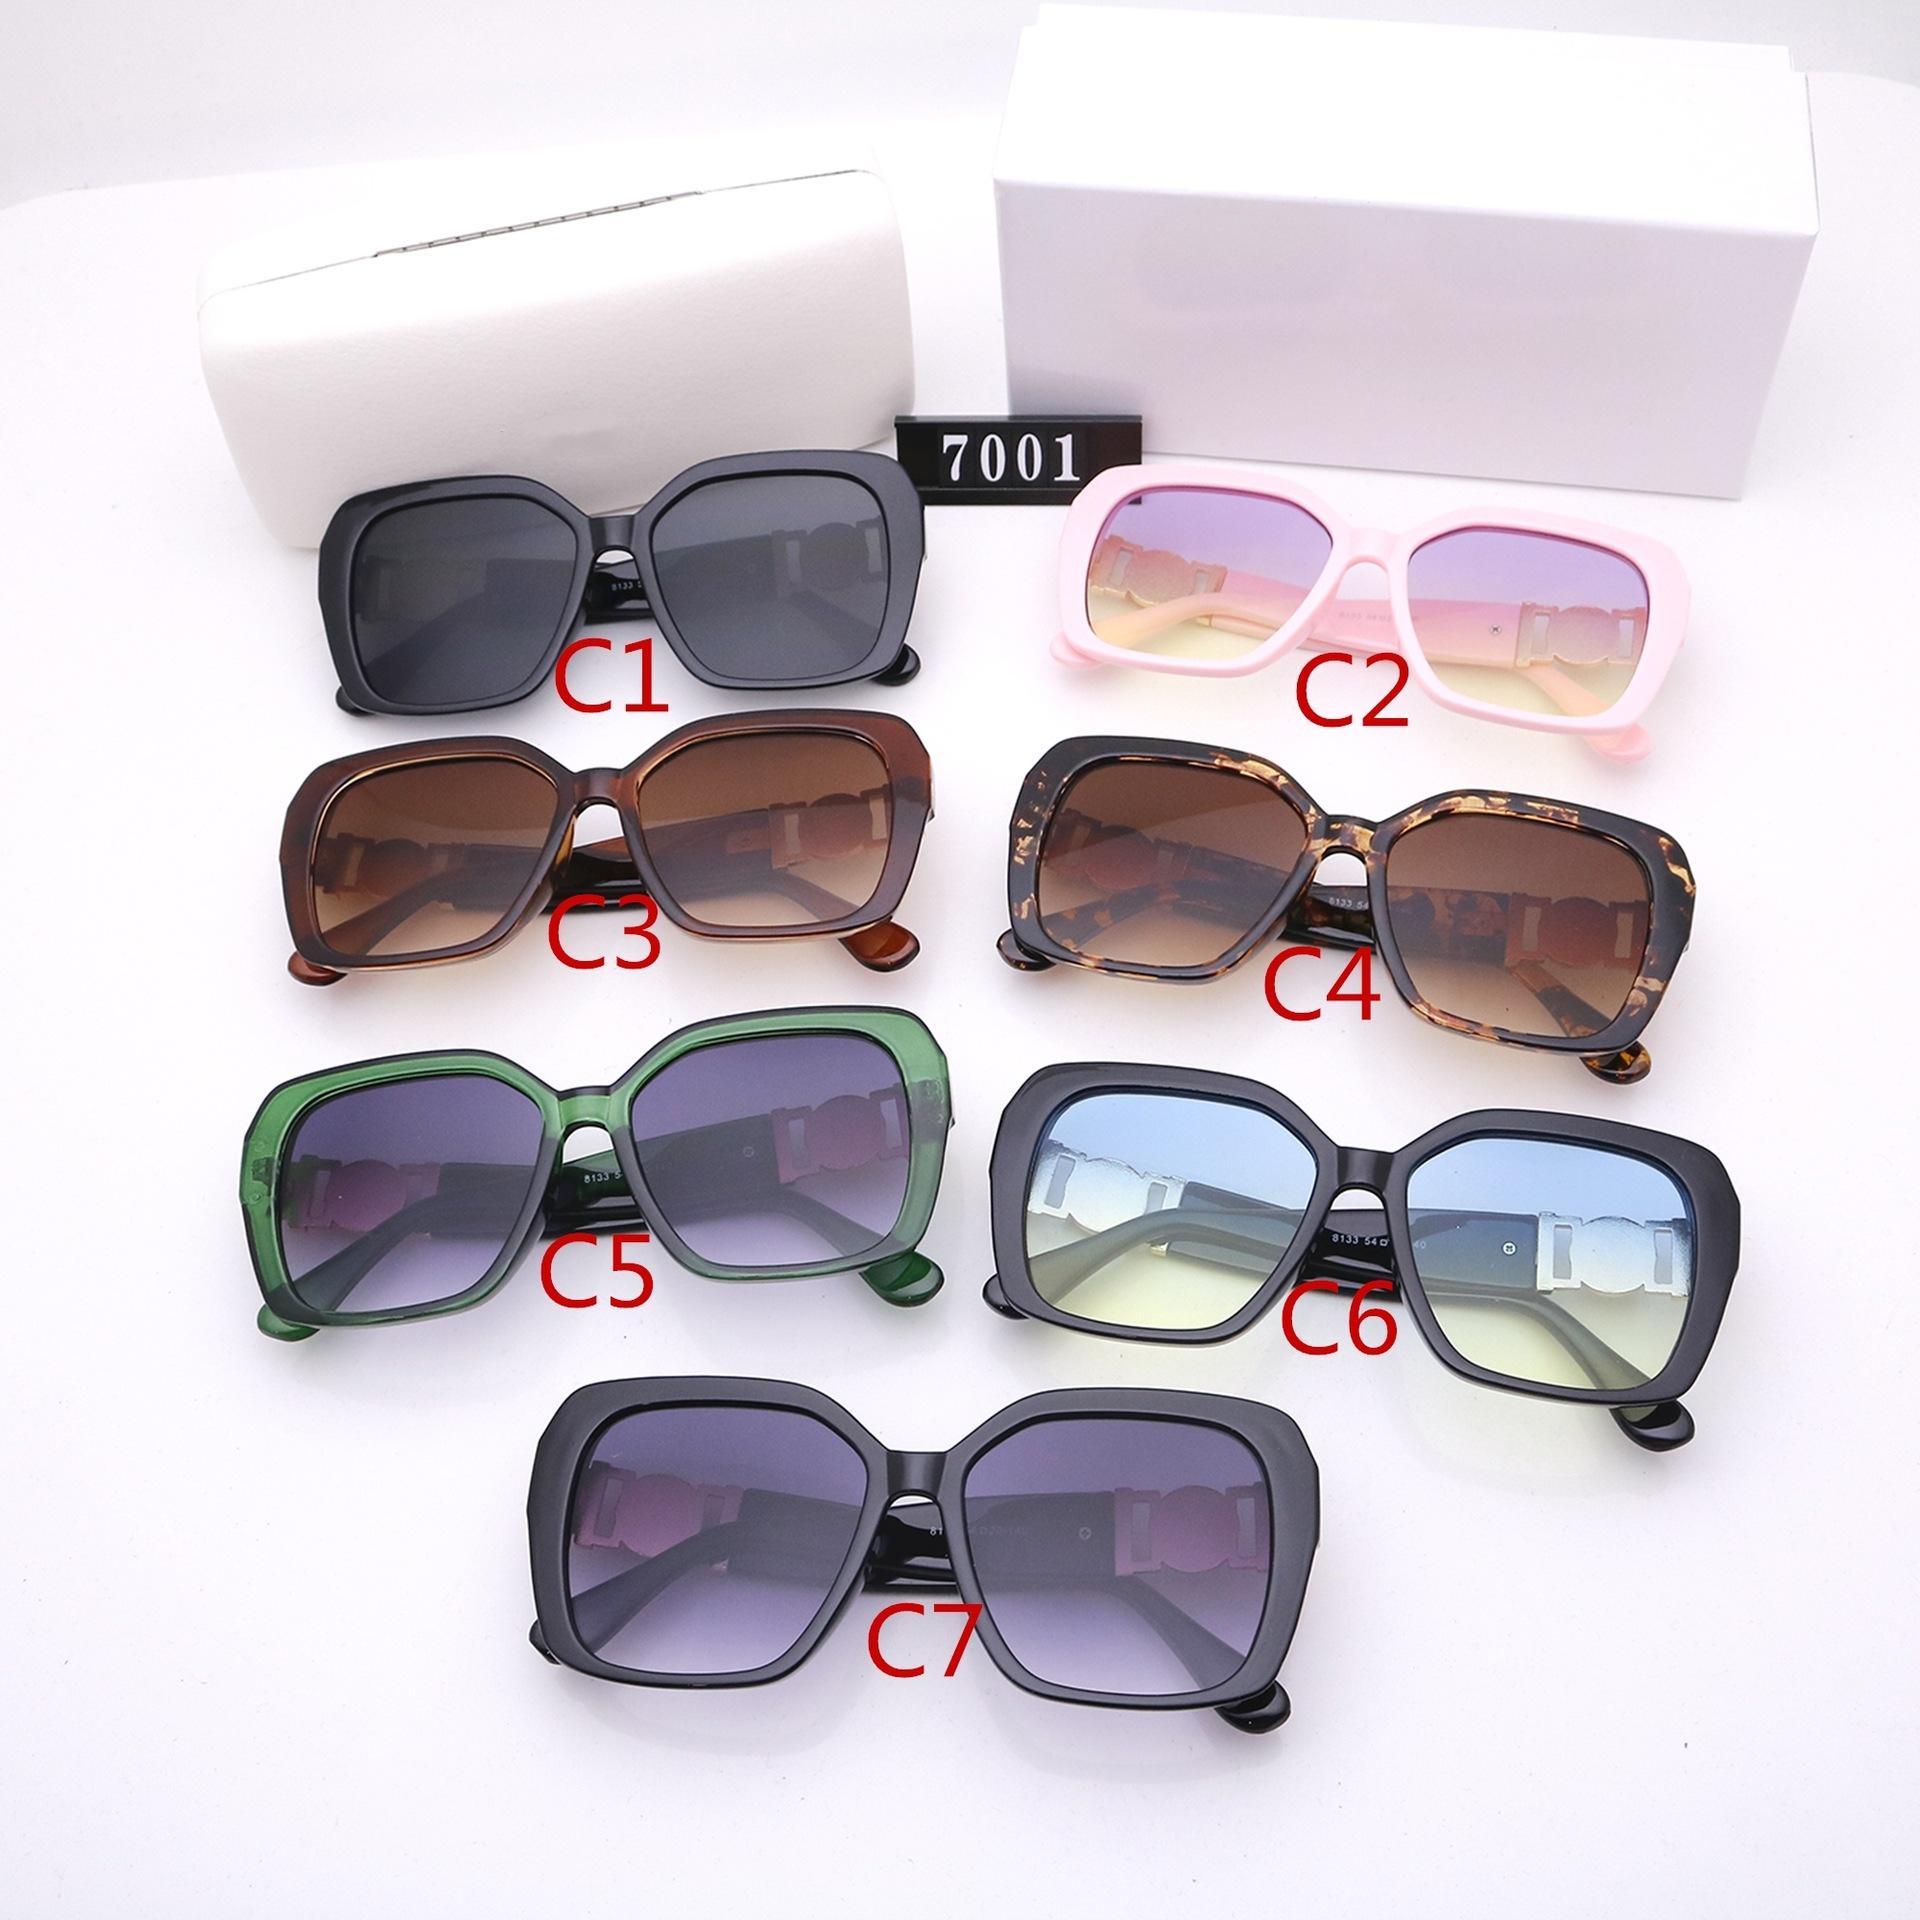 Erkekler ve Kadınlar için Beş Renk Moda Güneş Gözlüğü Luxurys Tasarımcılar Yüksek Kalite HD Polarize Lensler Klasik Büyük Çerçeve Sürüş Gözlük 7001